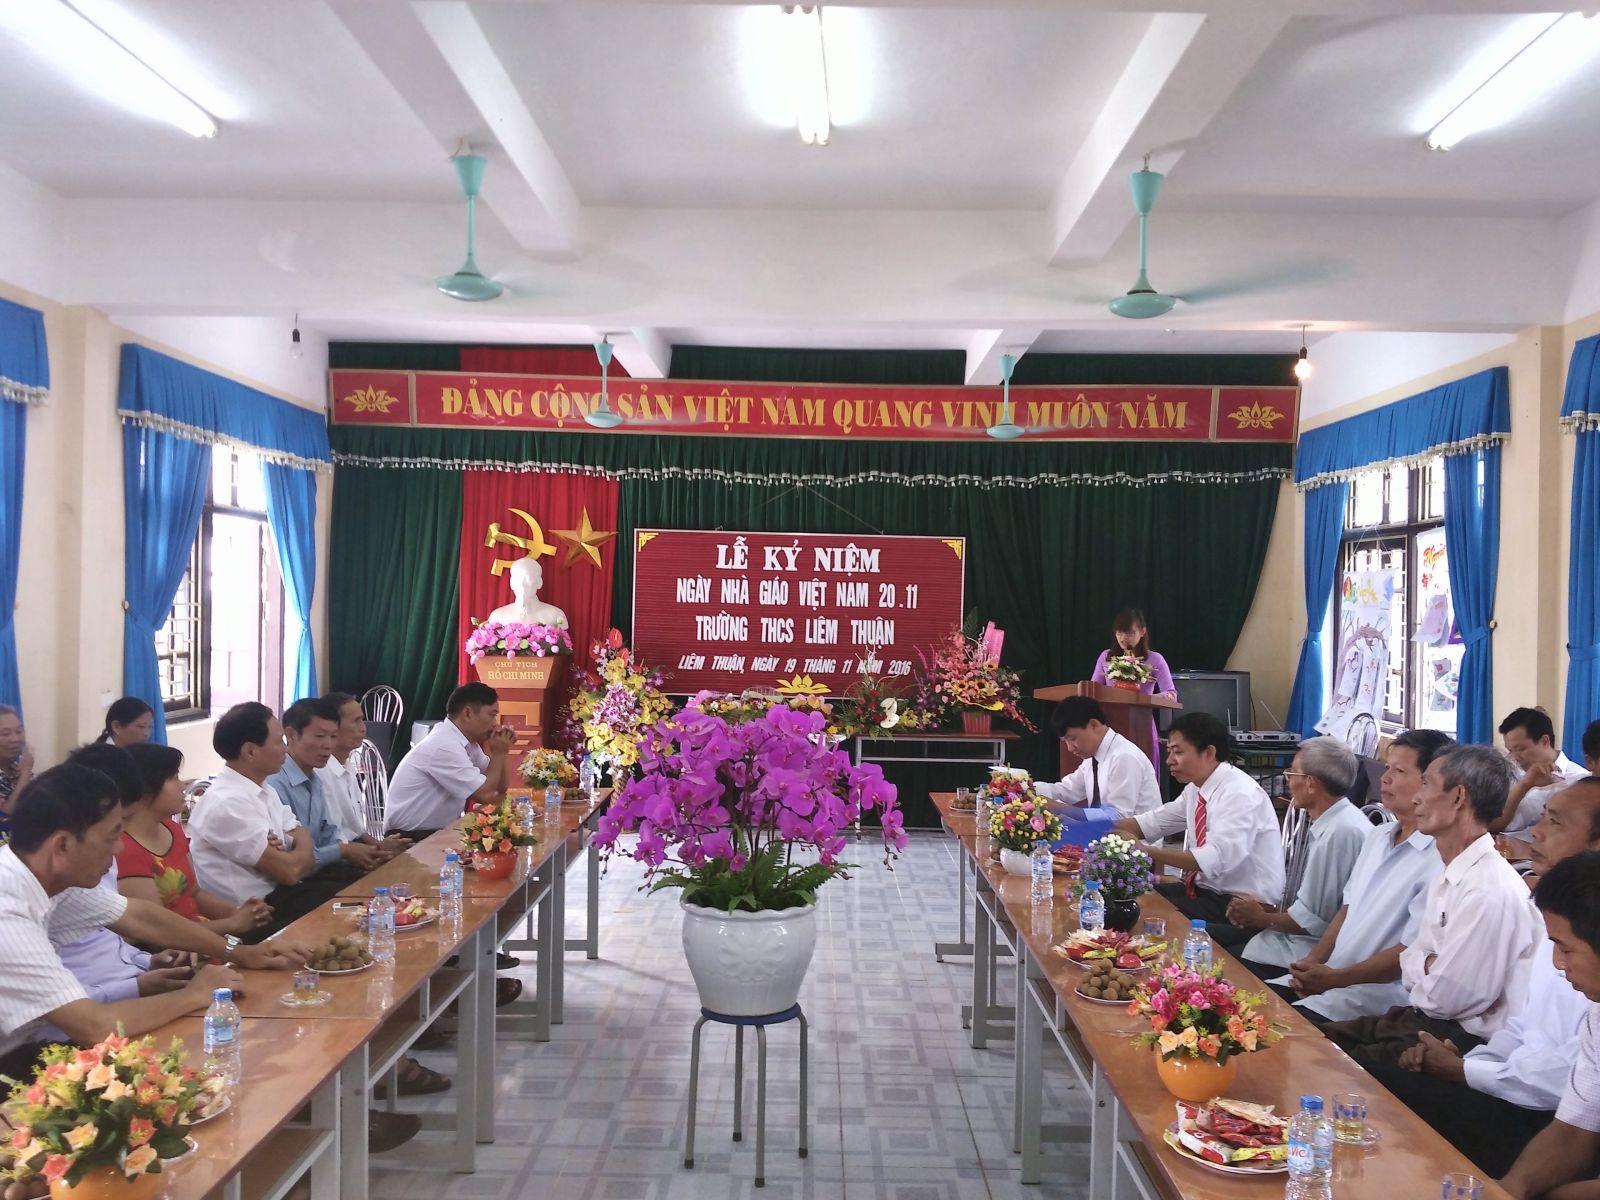 Lễ kỷ niệm ngày nhà giáo Việt Nam 20.11